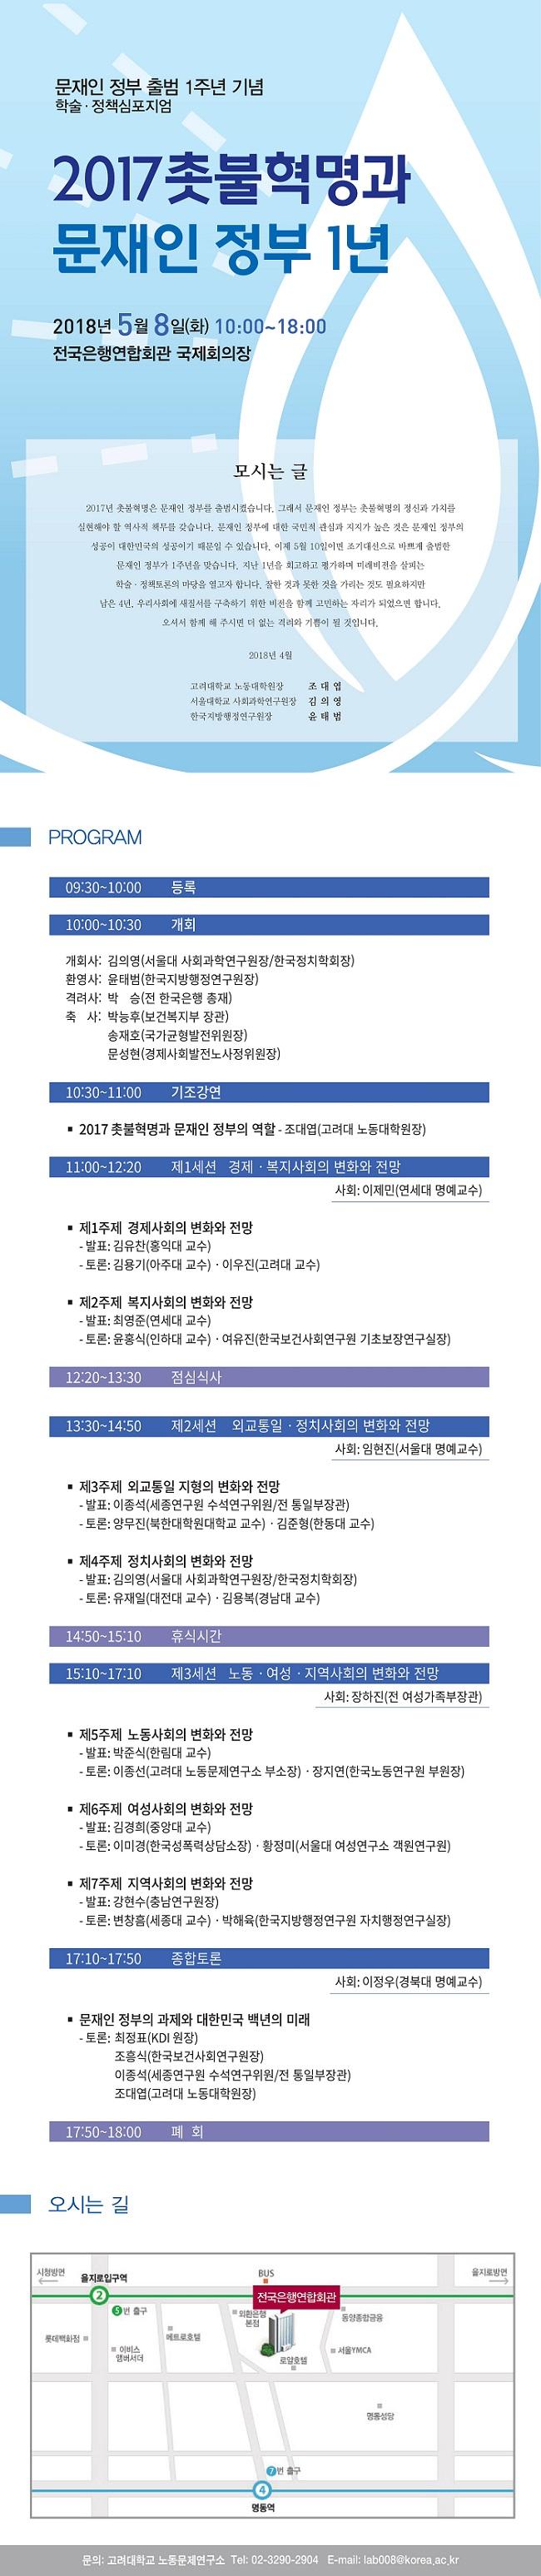 한국지방행정연구원_초청장.jpg